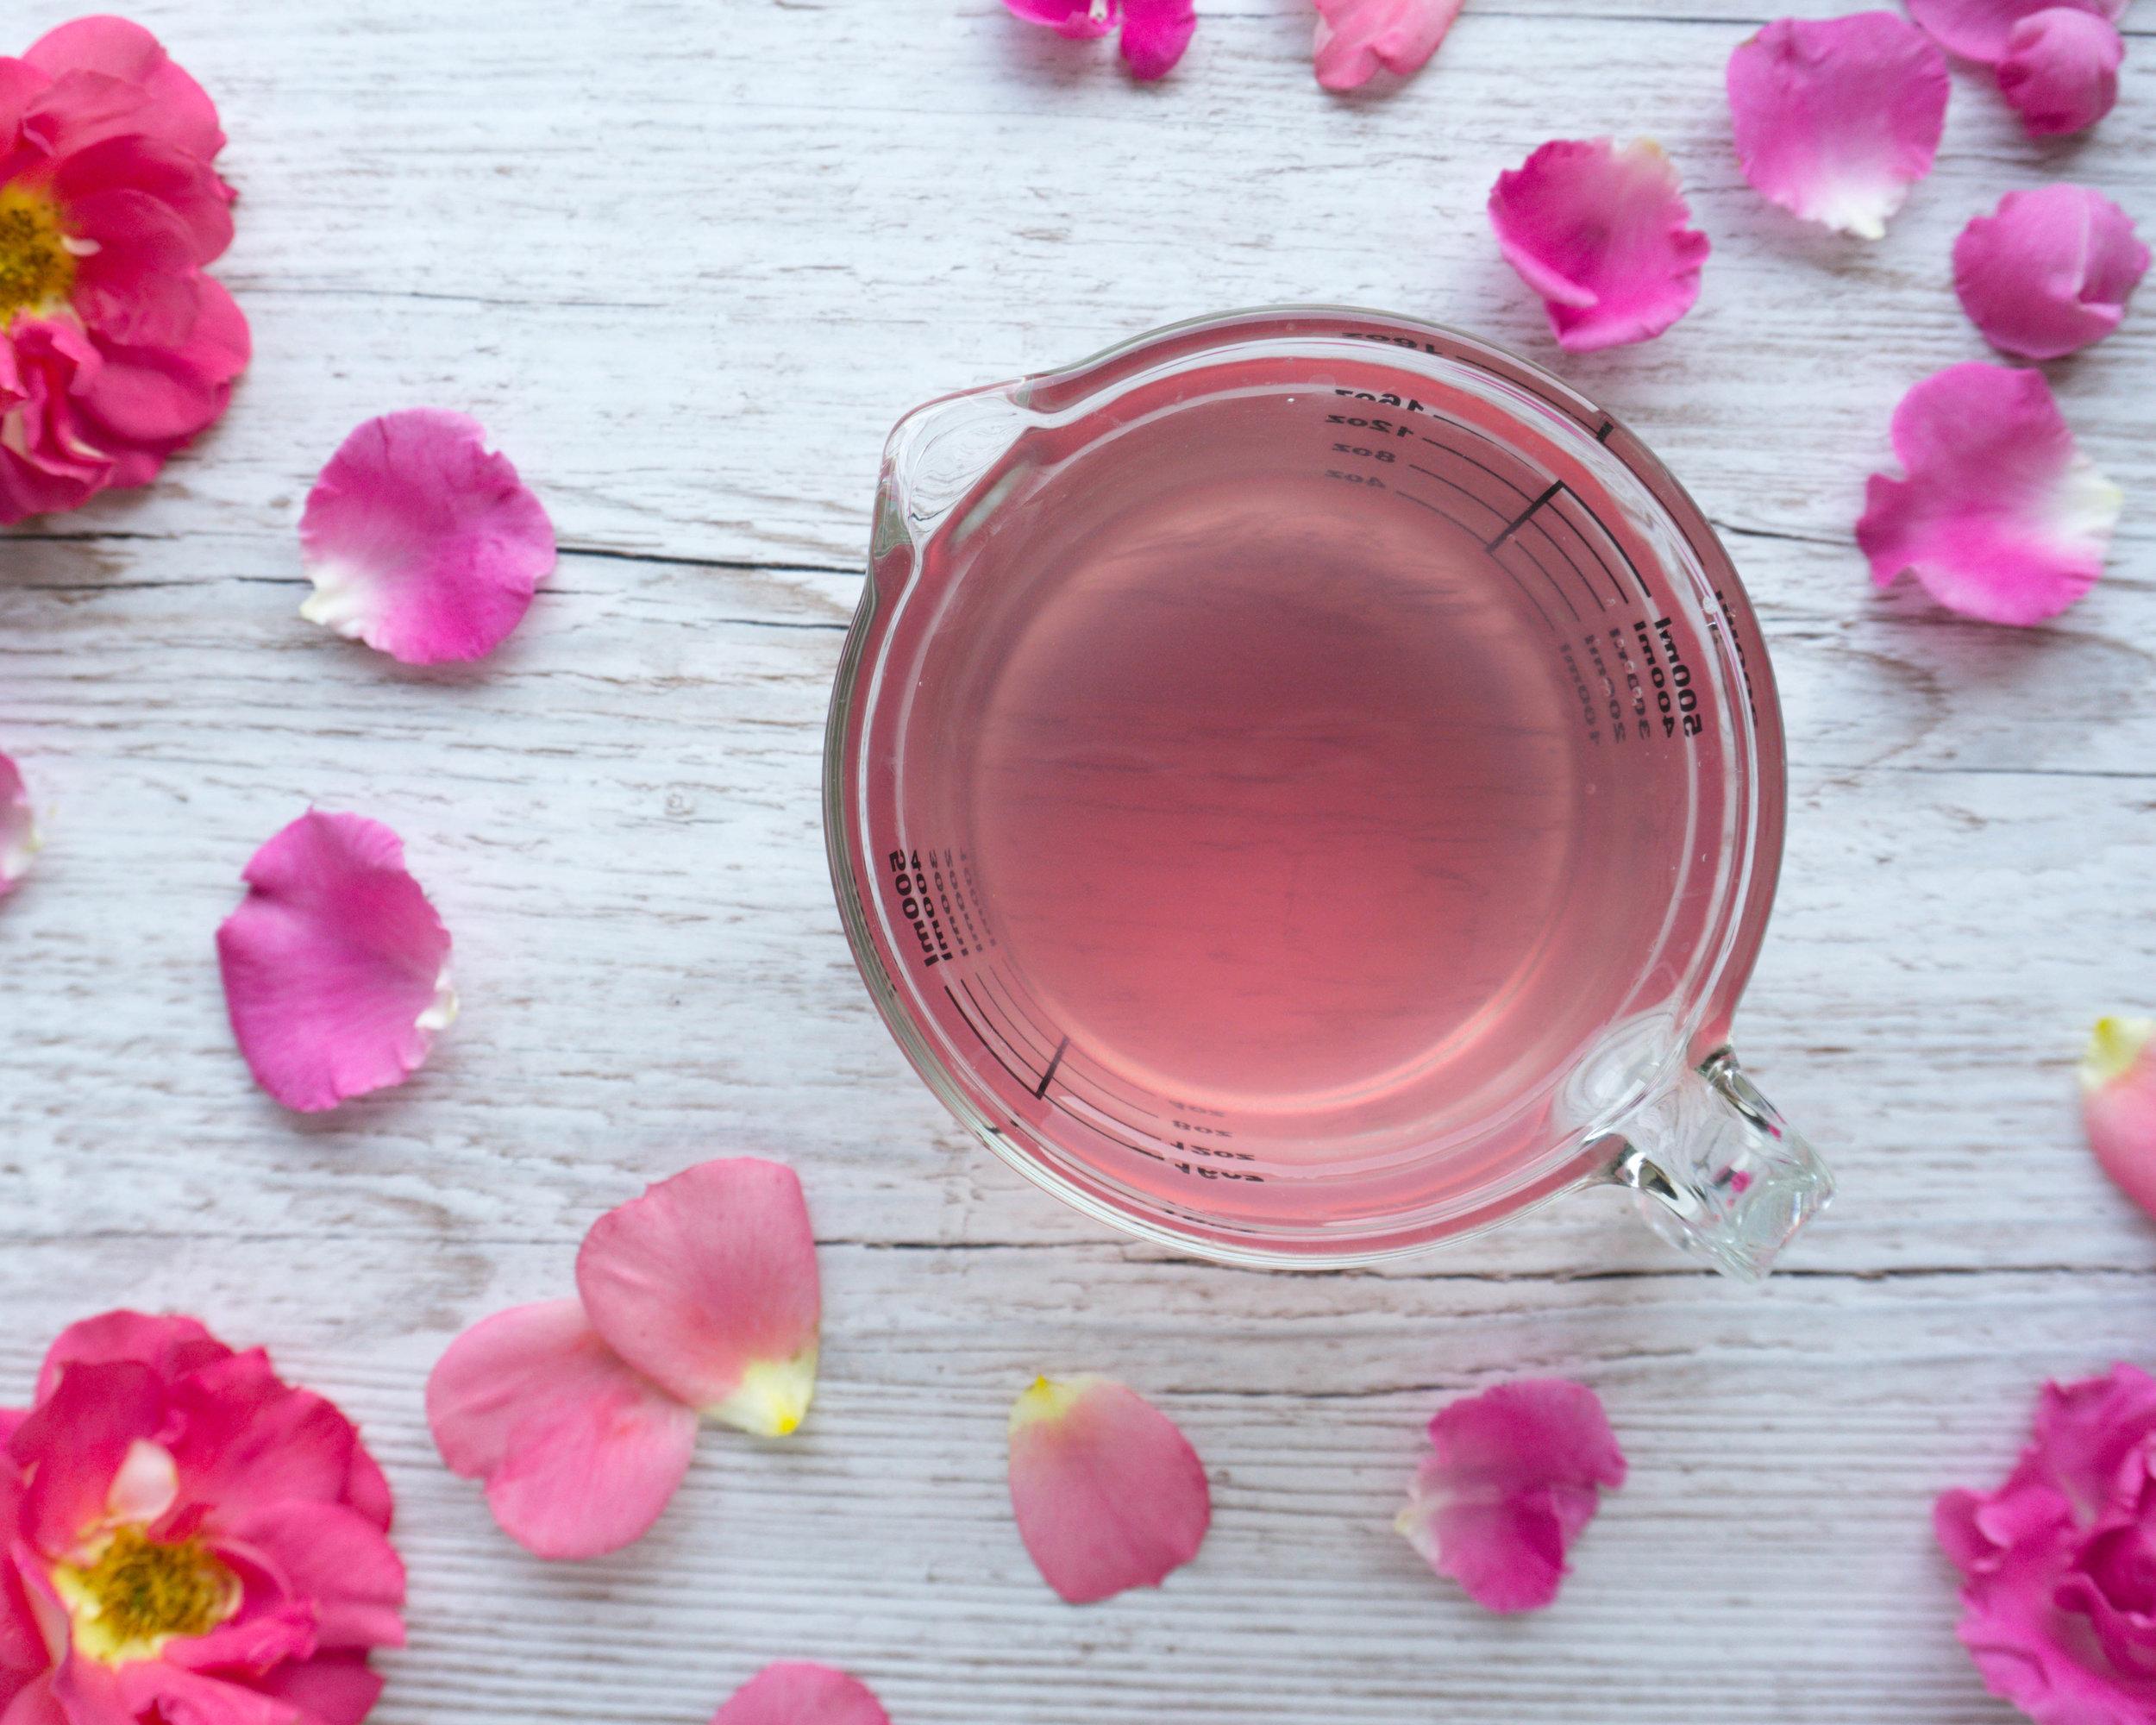 Rosenwasser selber machen aus nur 2 Zutaten - Zero Waste & plastikfrei.jpg